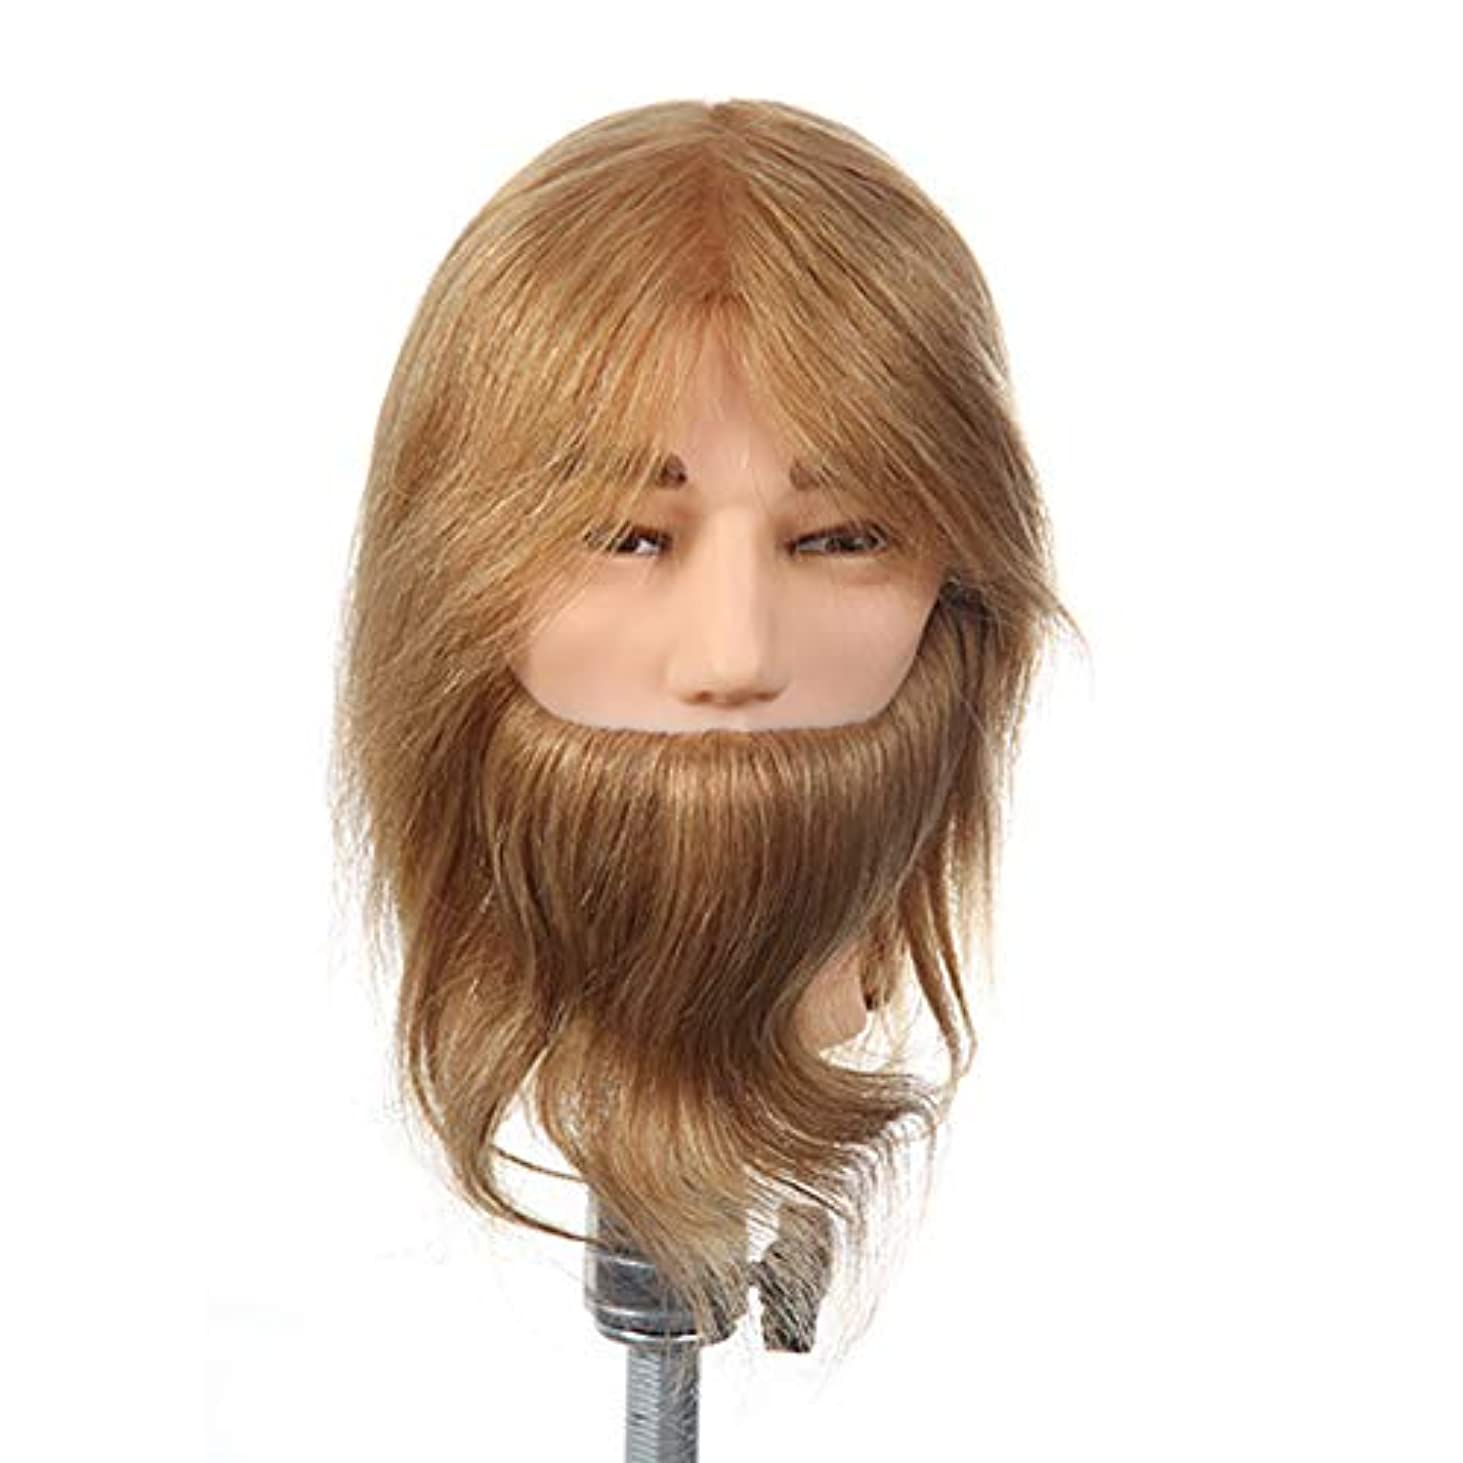 セールに関してバンサロン学習パーマ髪染めマネキン男スタイリングかつらティーチングヘッドリアル人間の髪ダミーヘッド付きひげロングヘアゴールド